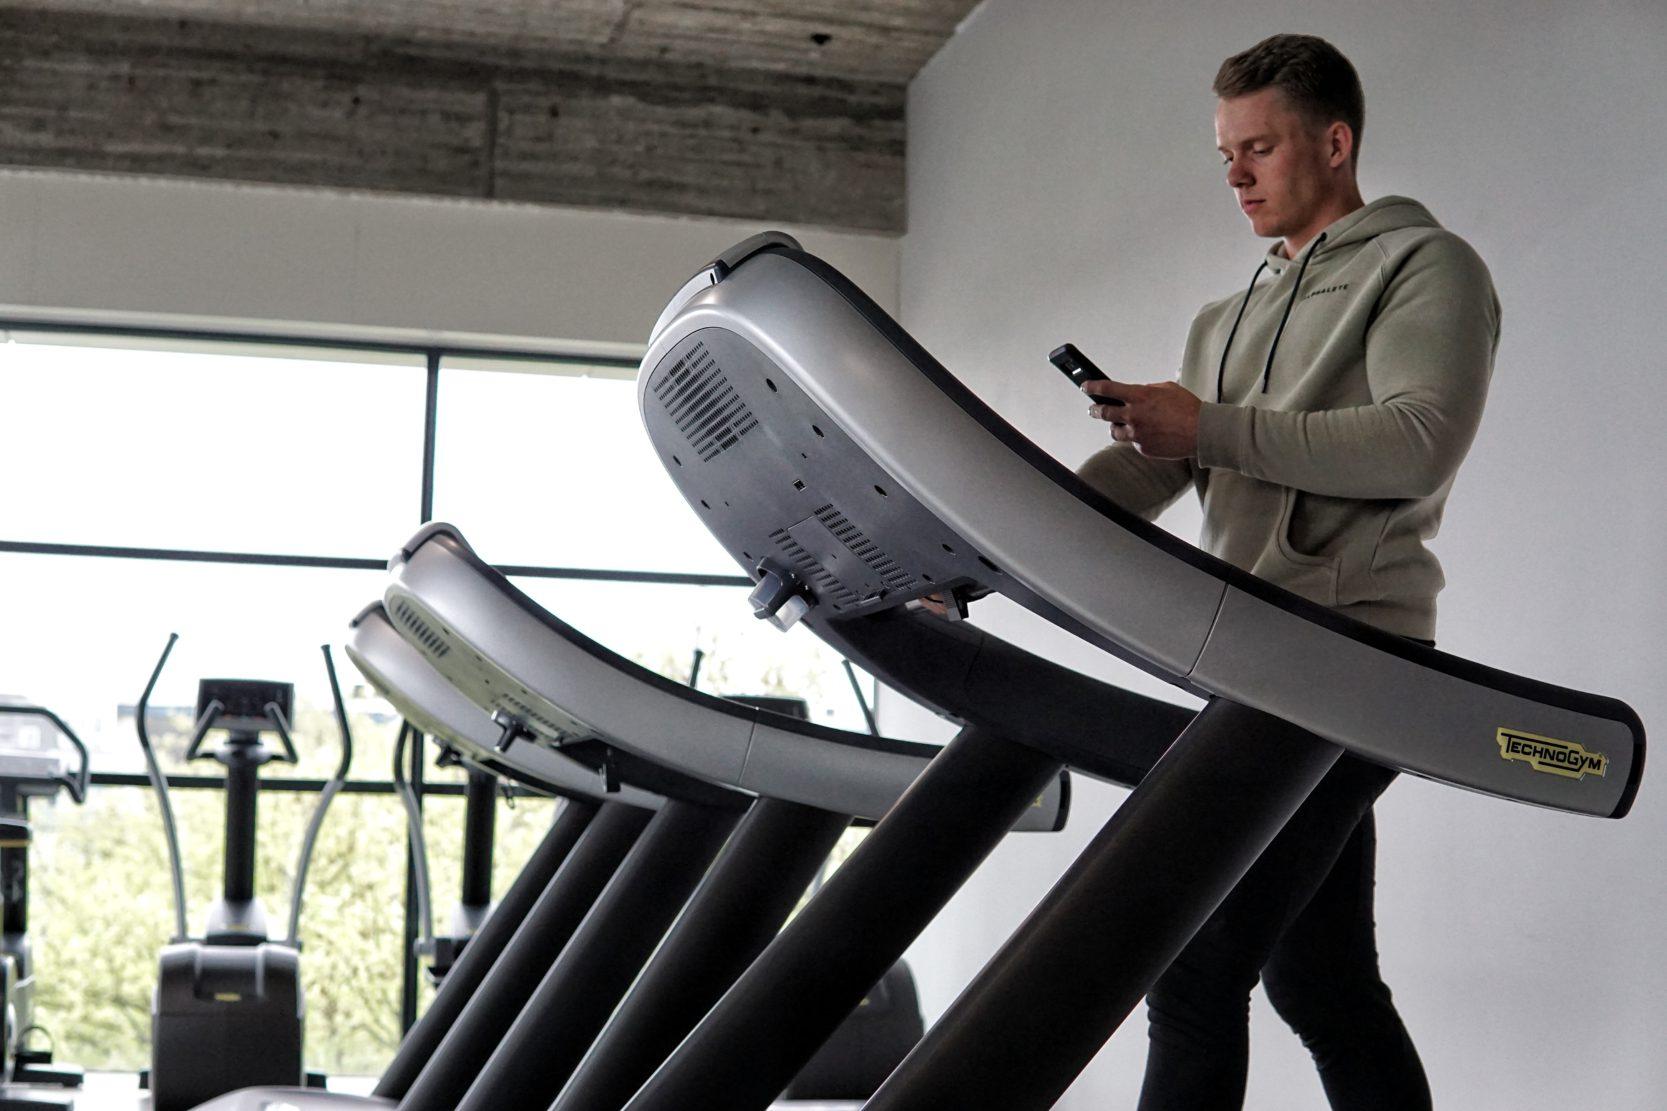 effectief afvallen cardio krachttraining rens van steenbruggen